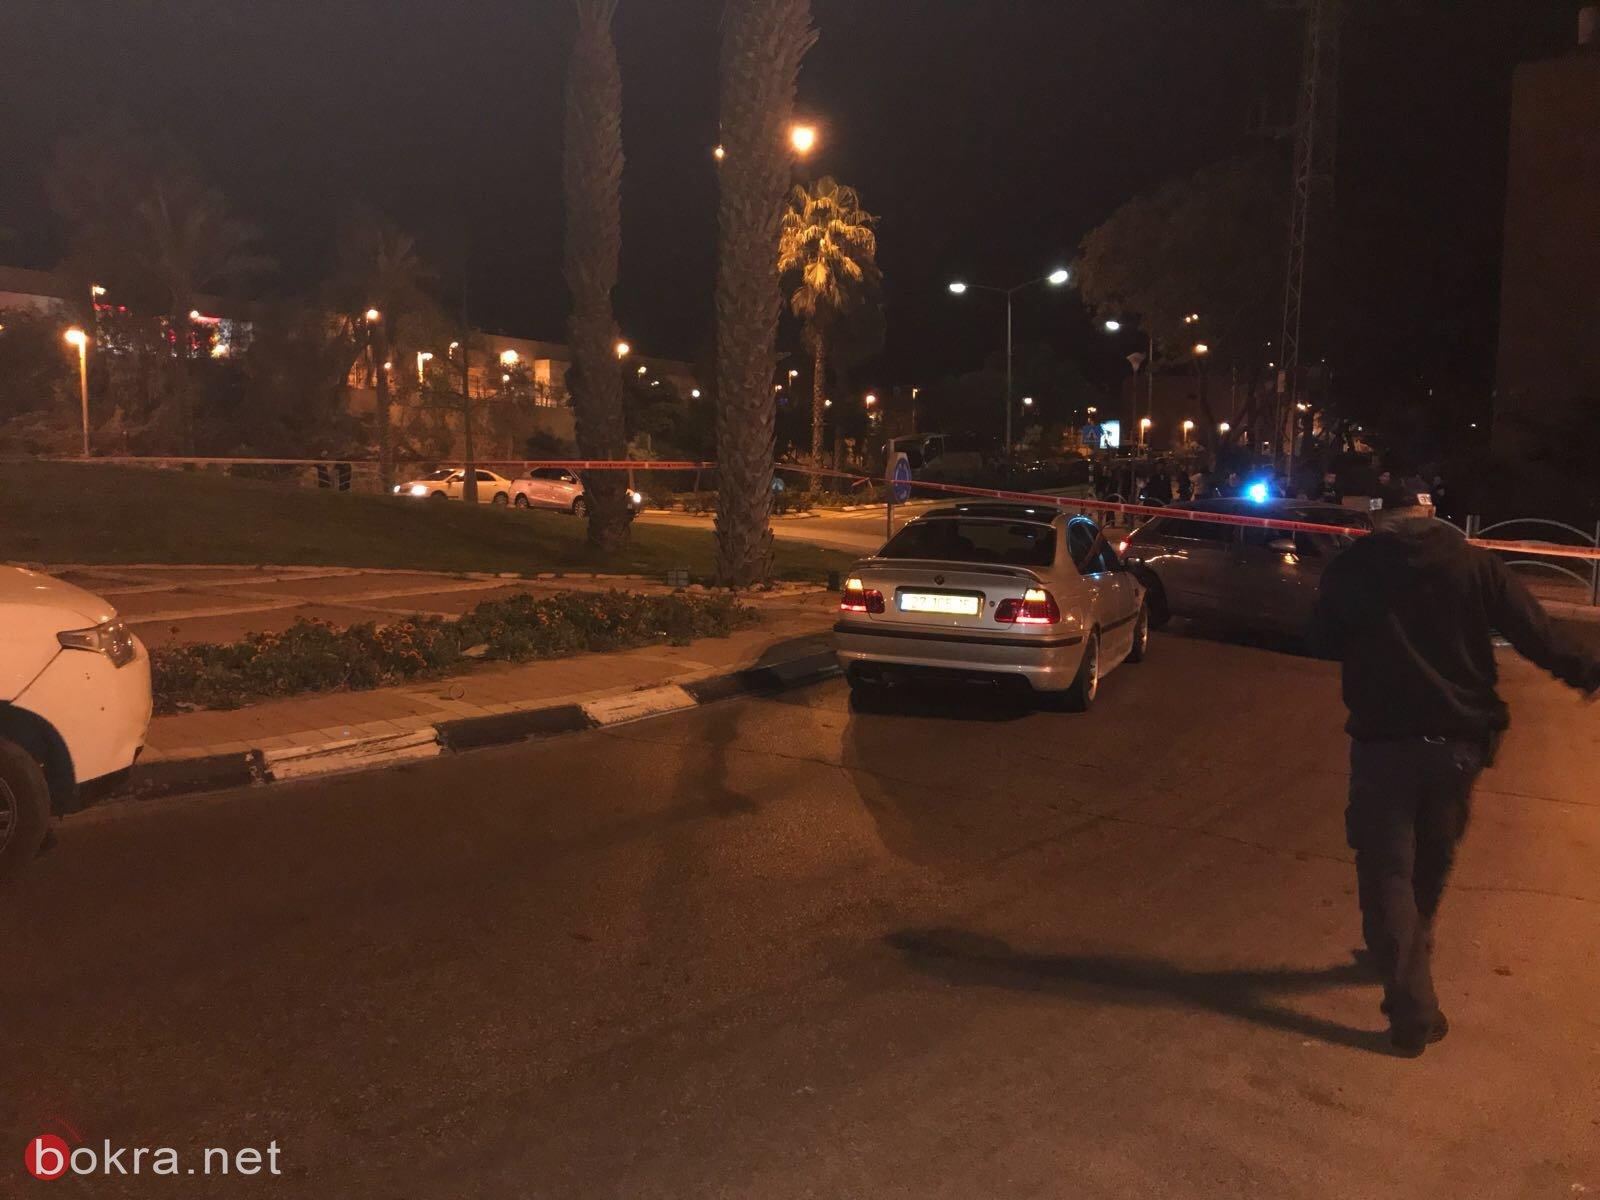 مصرع جندي من عراد جراء تعرضه للطعن وسرقة سلاحه-1